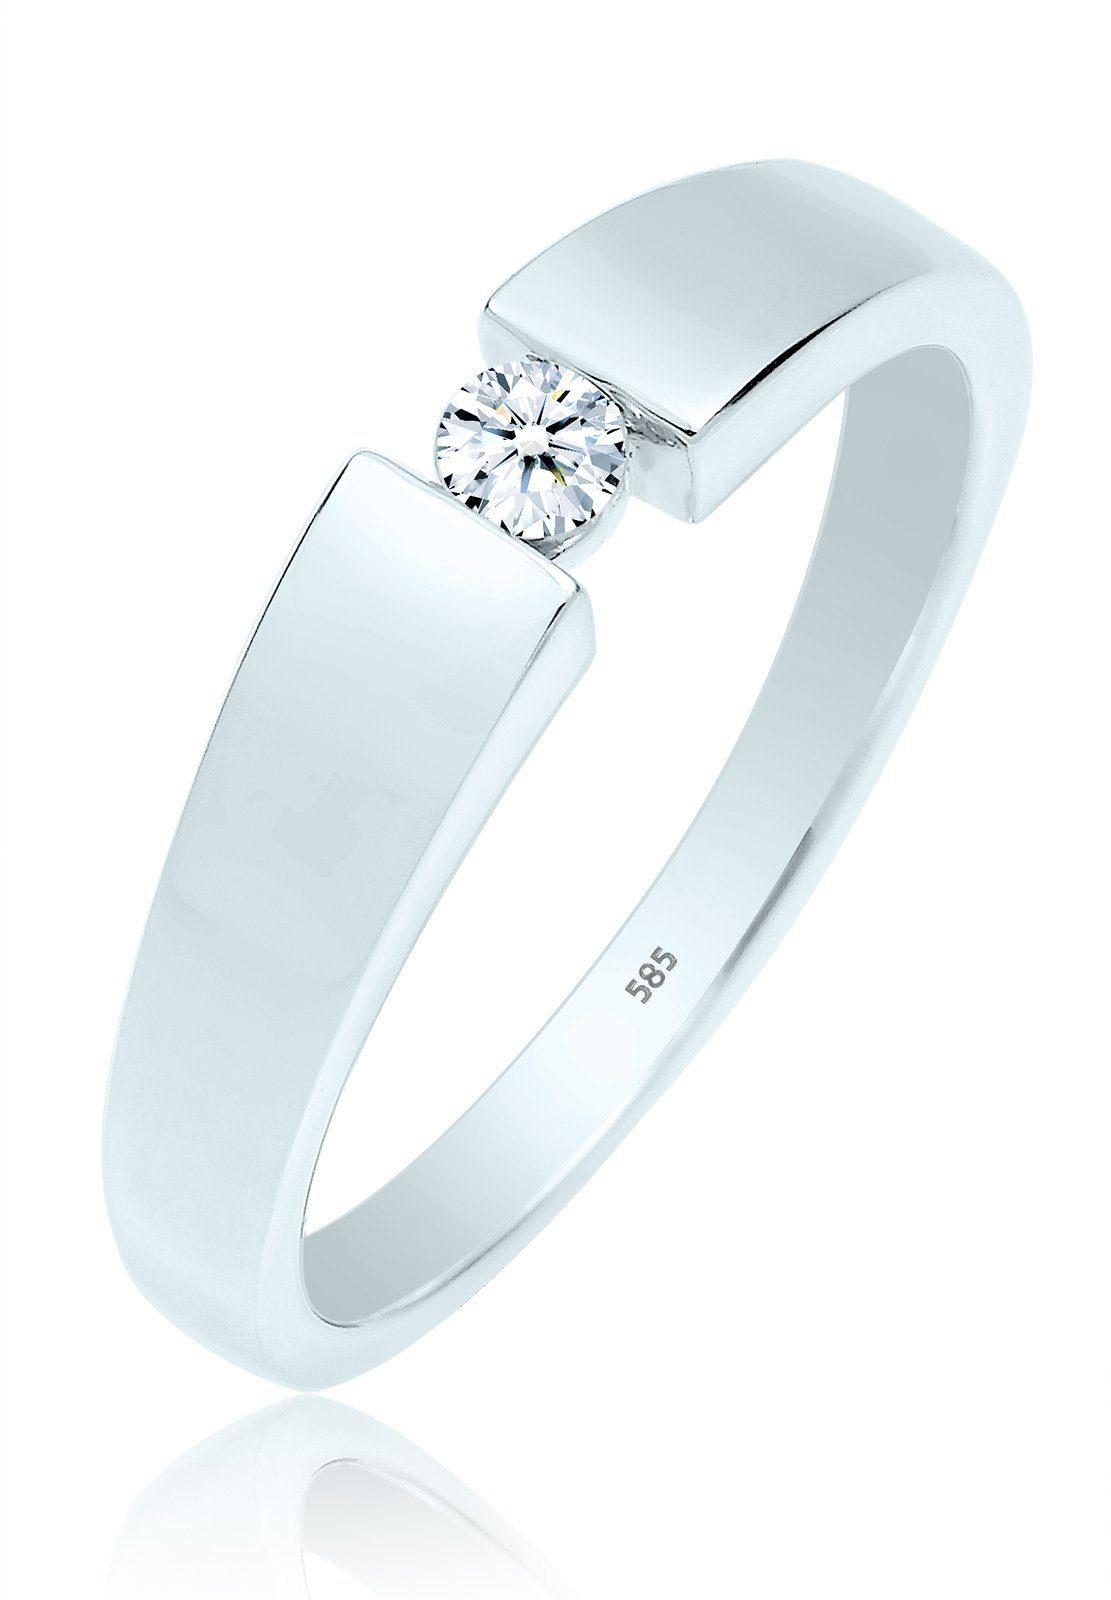 Diamore Ring Verlobung Diamant 010 ct 585 Weigold